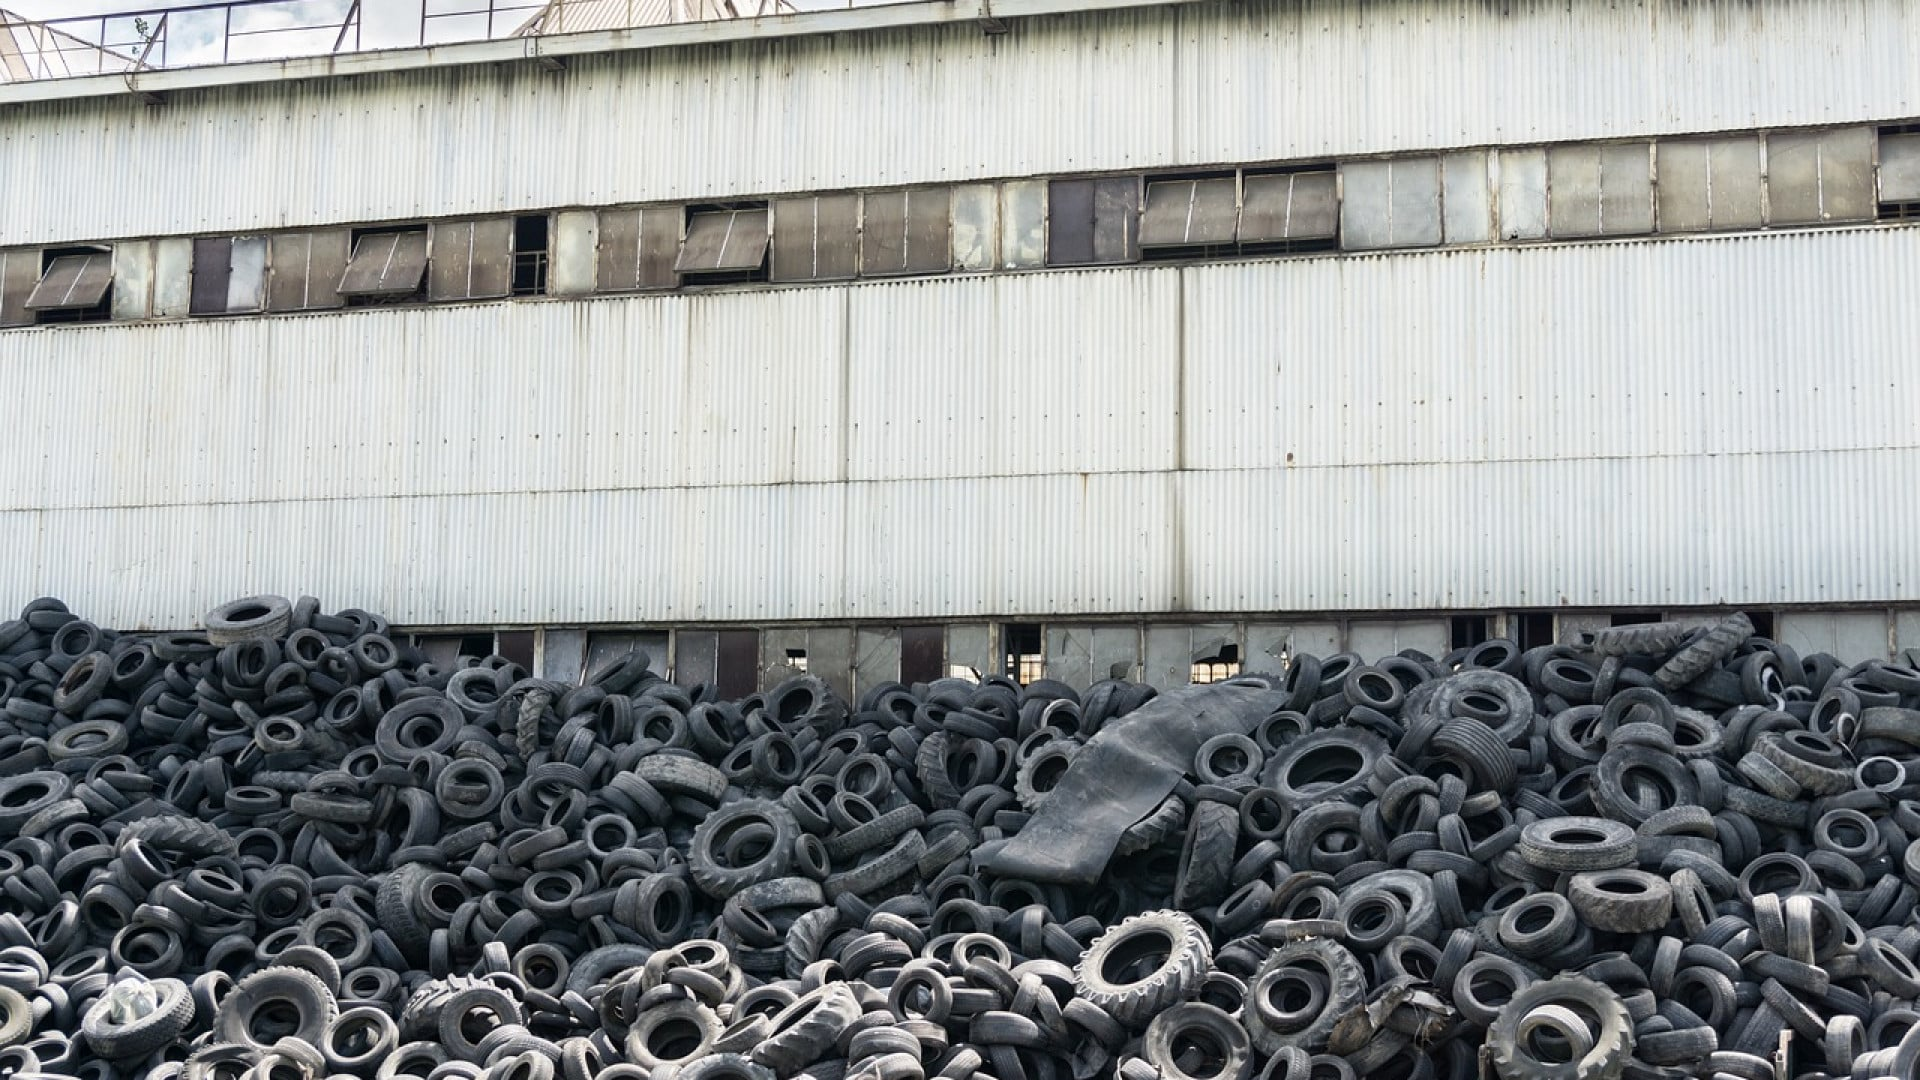 Bennes et containers : indispensables pour évacuer les déchets